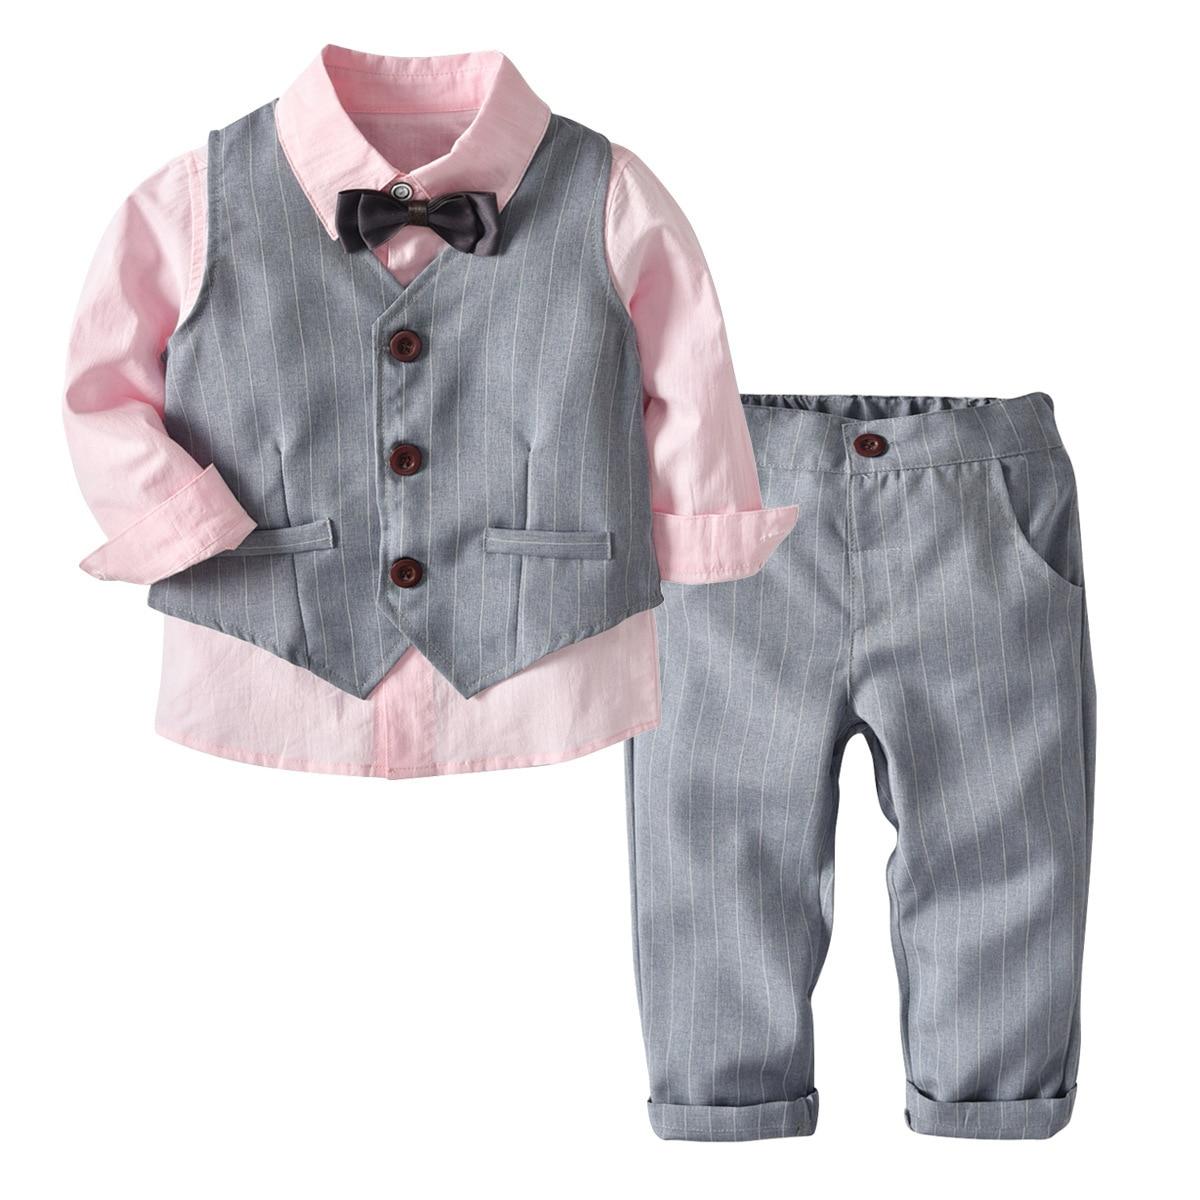 8e941086103e 2019 New Autumn Baby Boys Suit Cotton Coat Pants Tie 3 Piece Kids ...